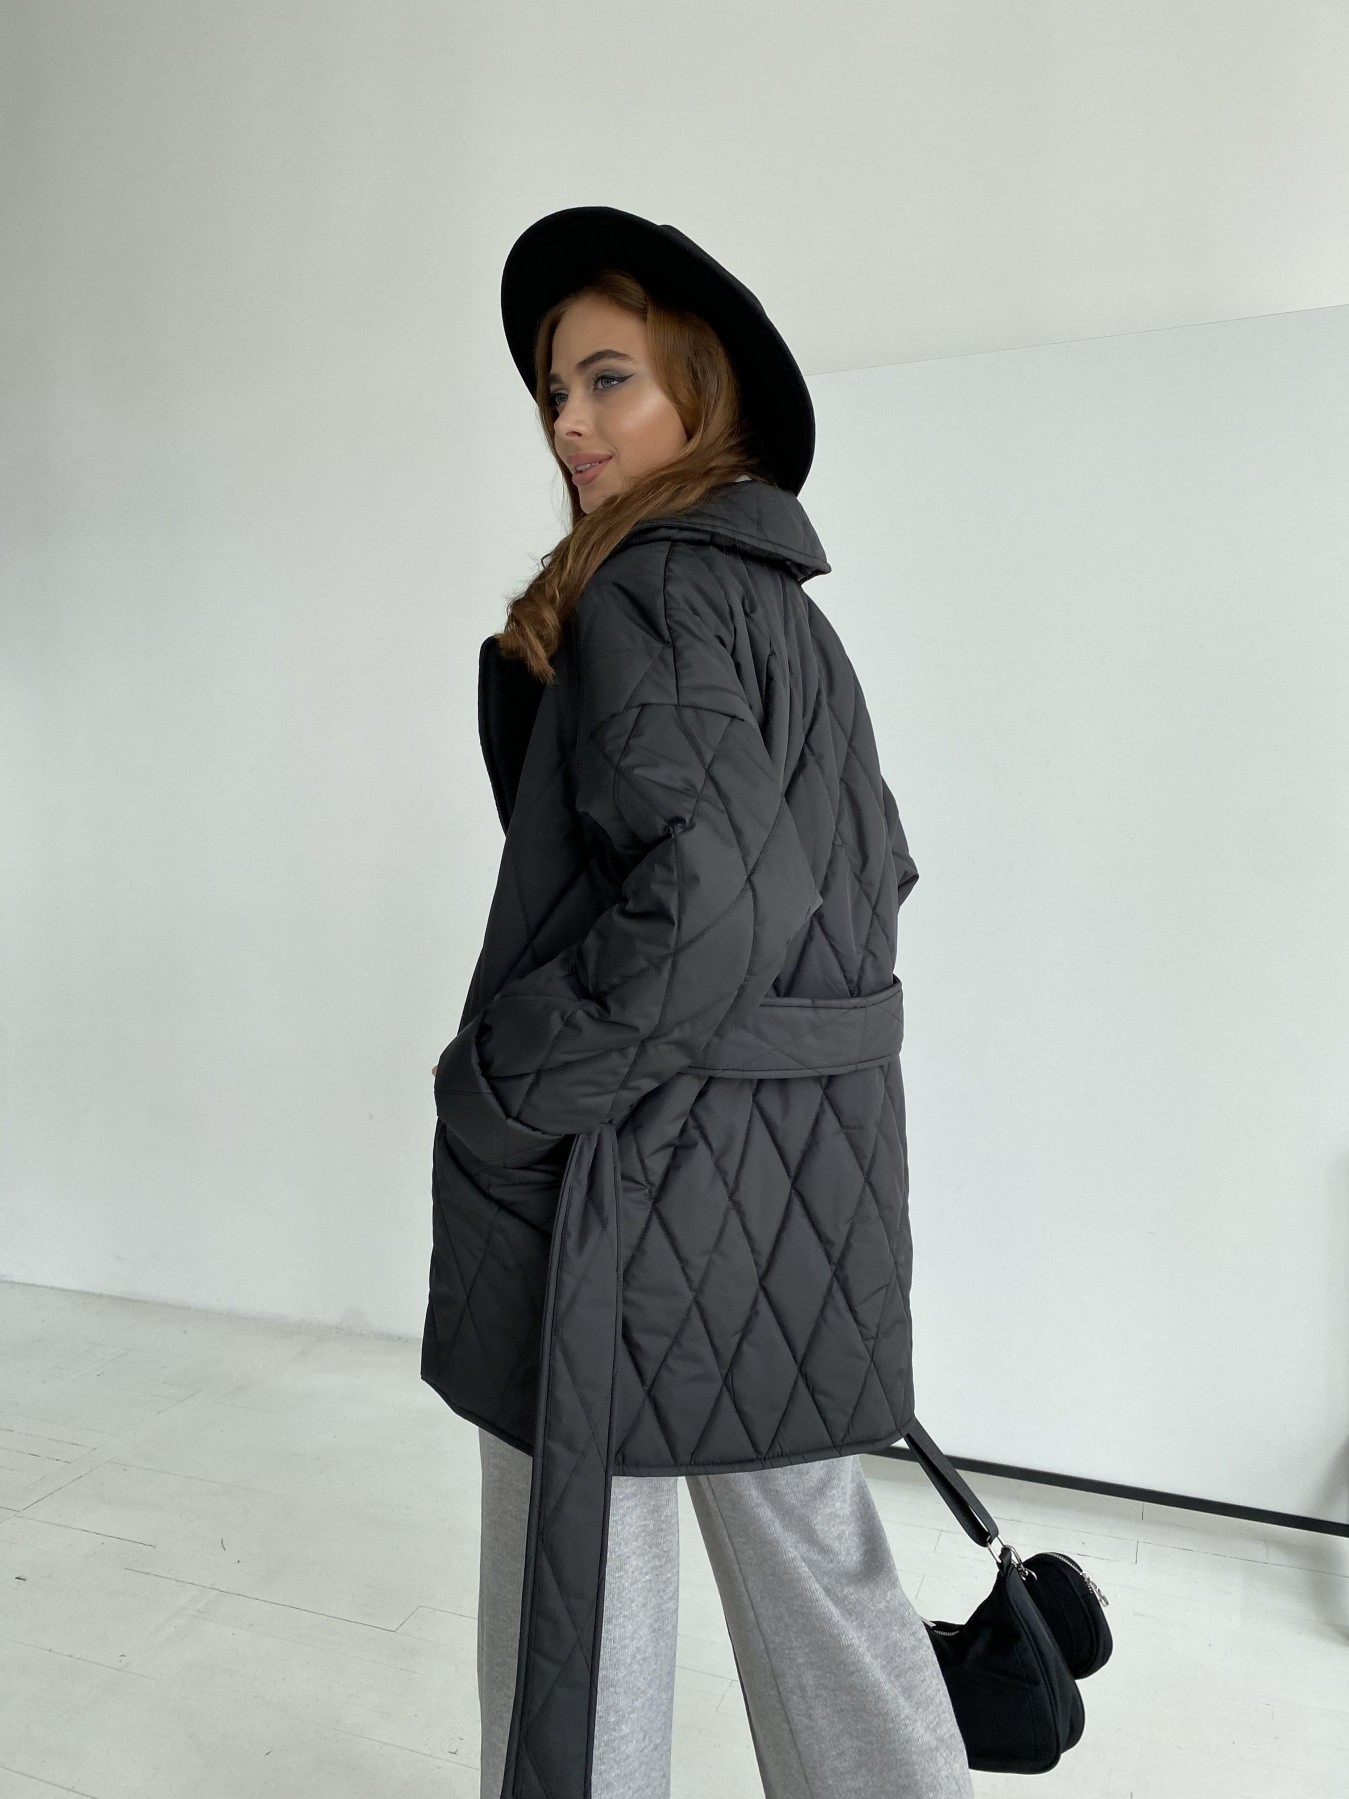 Норд стеганая куртка из плащеки 11770  АРТ. 48512 Цвет: Черный - фото 8, интернет магазин tm-modus.ru